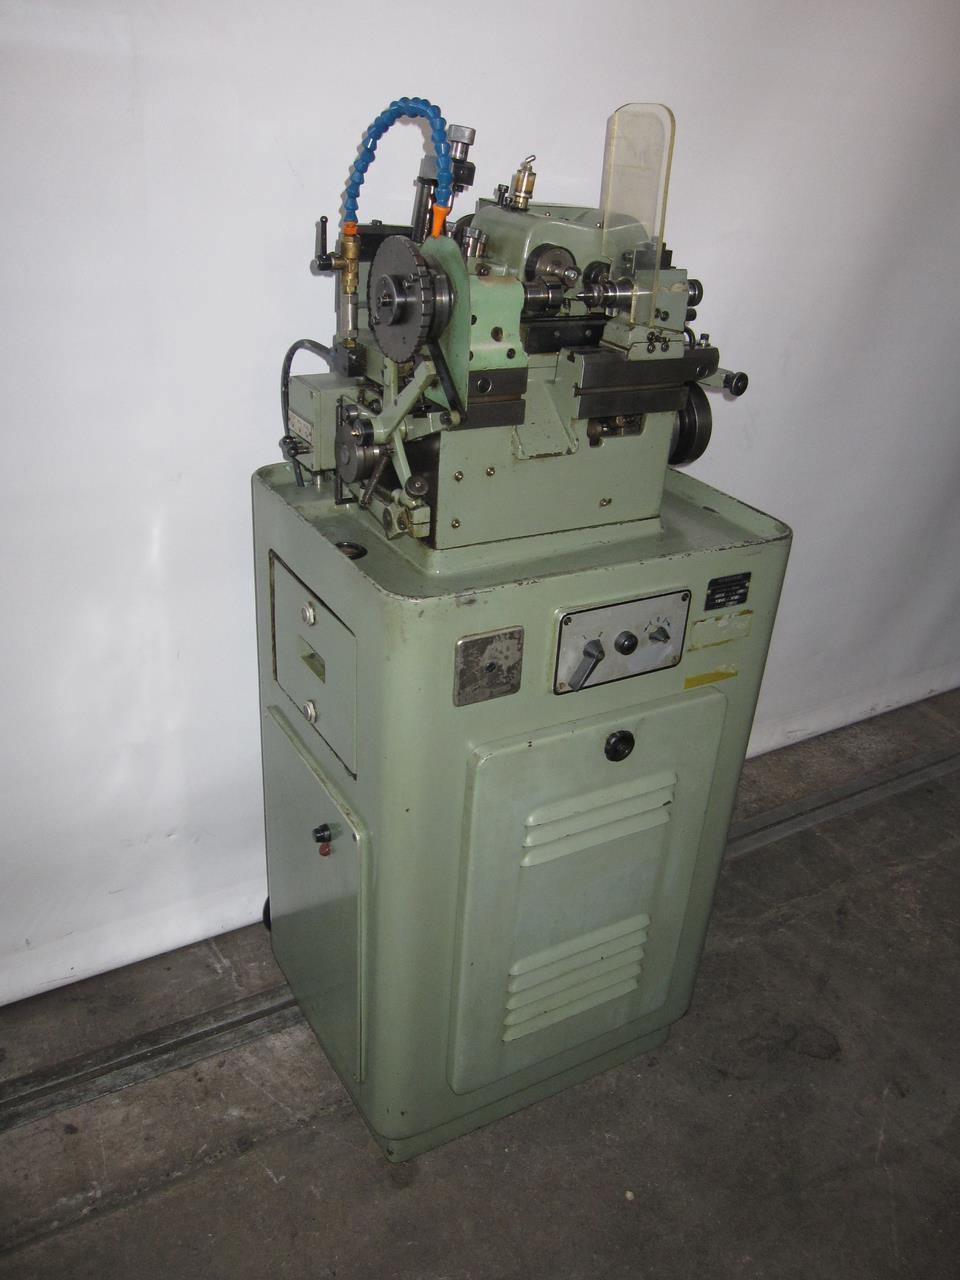 二手滚齿机WYSSBROD 125/IIA进口深圳需要做装运前检验吗?